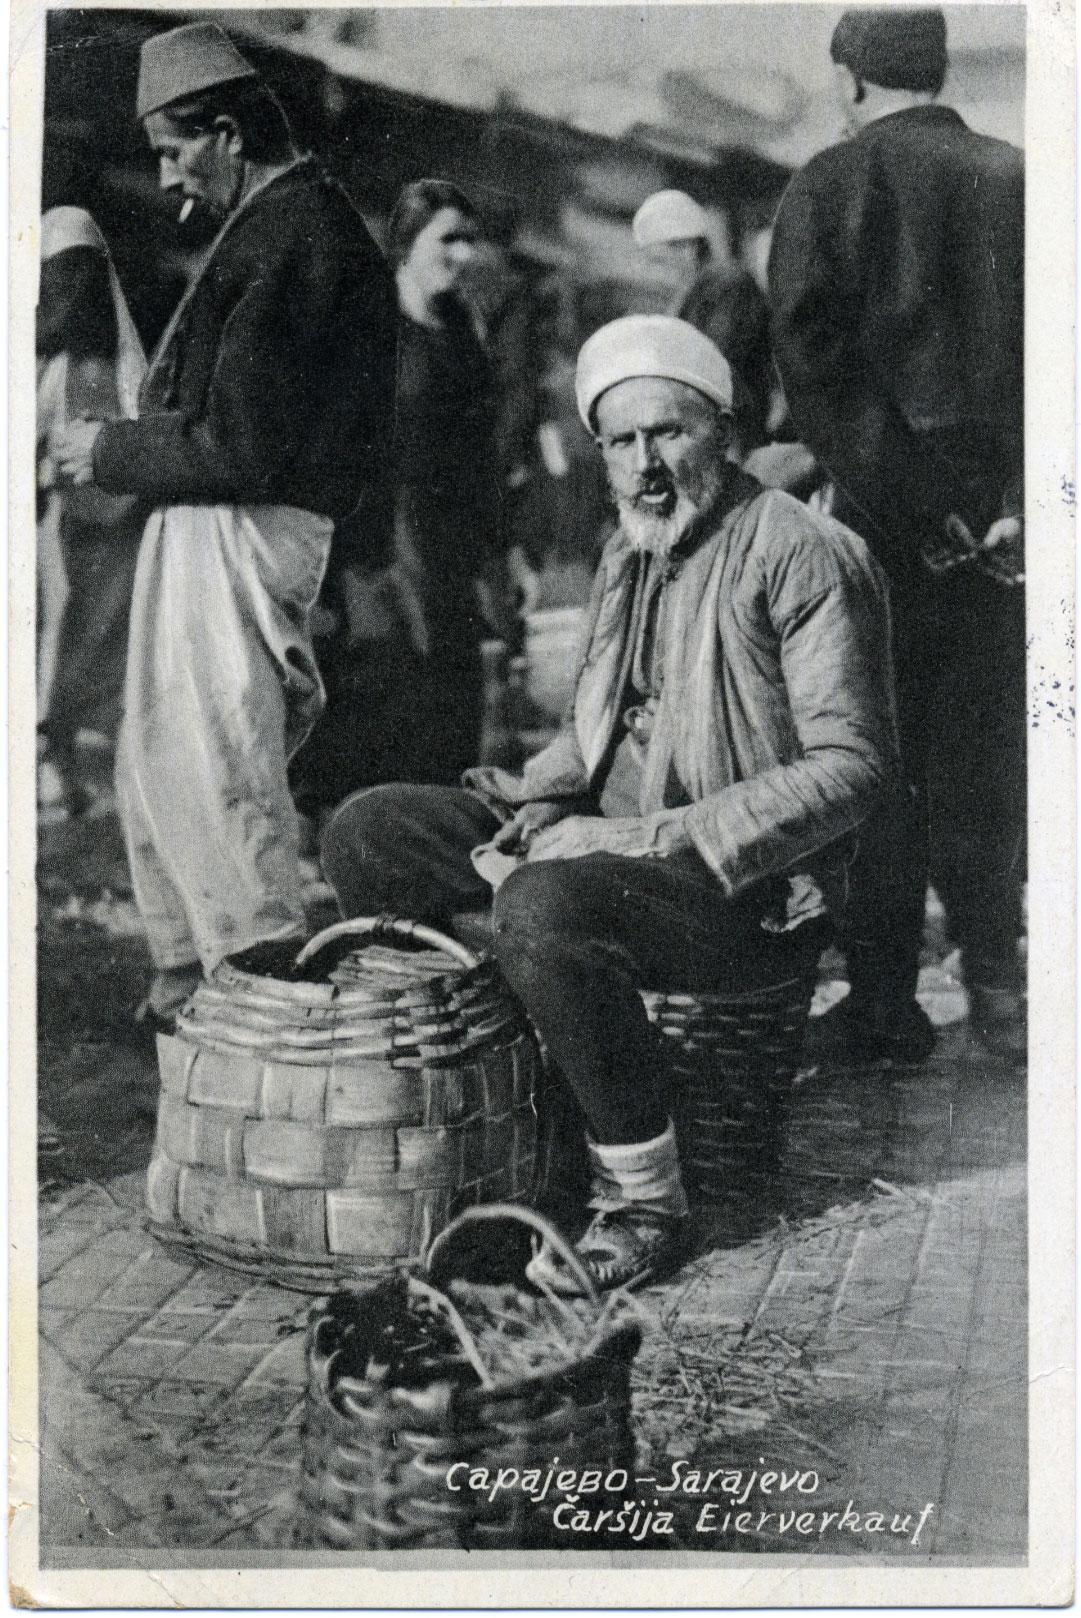 Sarajevo 1936